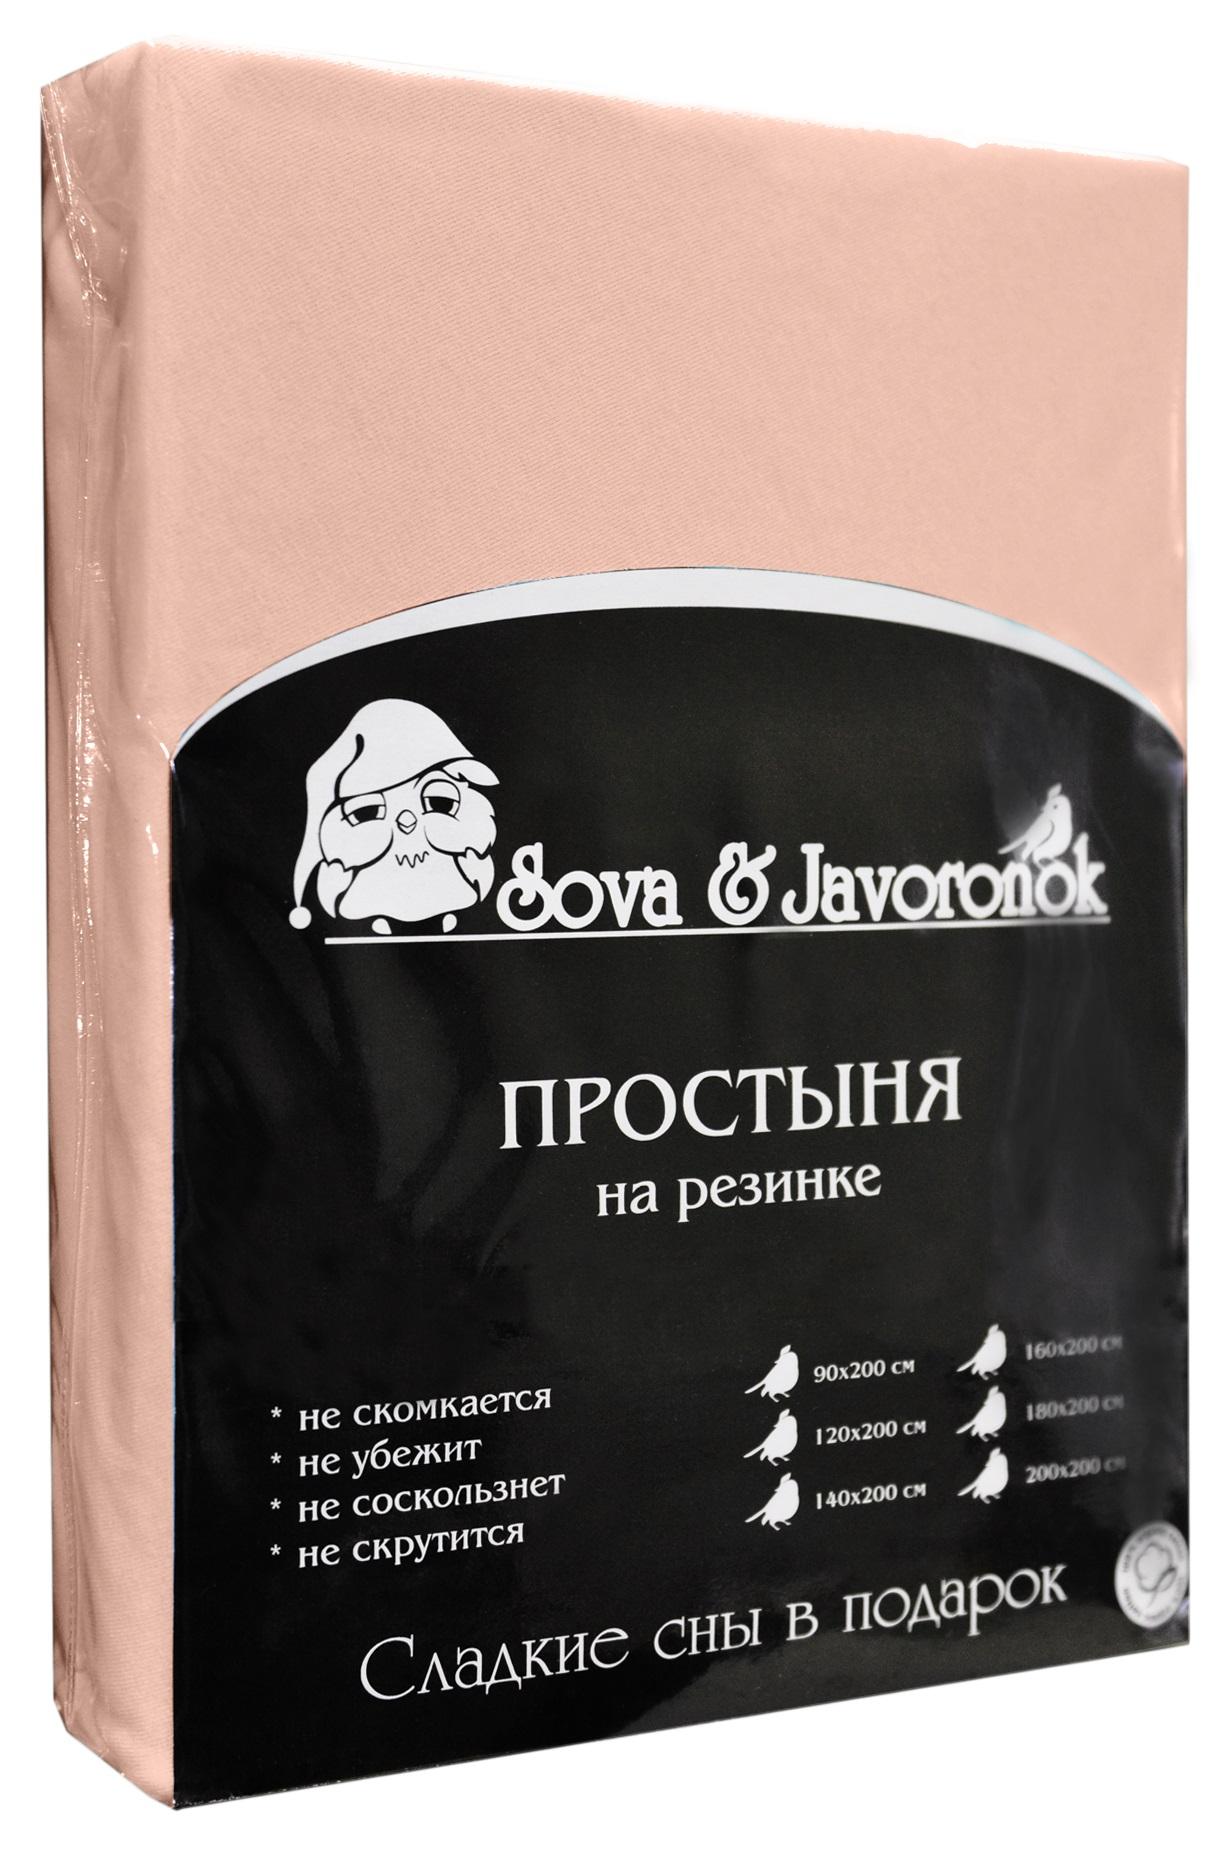 Простыня на резинке Sova & Javoronok, цвет: персиковый, 200 см х 200 см0803113885Простыня на резинке Sova & Javoronok, изготовленная из трикотажной ткани (100% хлопок), будет превосходно смотреться с любыми комплектами белья. Хлопчатобумажный трикотаж по праву считается одним из самых качественных, прочных и при этом приятных на ощупь. Его гигиеничность позволяет использовать простыню и в детских комнатах, к тому же 100%-ый хлопок в составе ткани не вызовет аллергии. У трикотажного полотна очень интересная структура, немного рыхлая за счет отсутствия плотного переплетения нитей и наличия особых петель, благодаря этому простыня Сова и Жаворонок отлично пропускает воздух и способствует его постоянной циркуляции. Поэтому ваша постель будет всегда оставаться свежей. Но главное и, пожалуй, самое известное свойство трикотажа - это его великолепная растяжимость, поэтому эта ткань и была выбрана для натяжной простыни на резинке. Простыня прошита резинкой по всему периметру, что обеспечивает более комфортный отдых, так как она прочно удерживается на матрасе и...